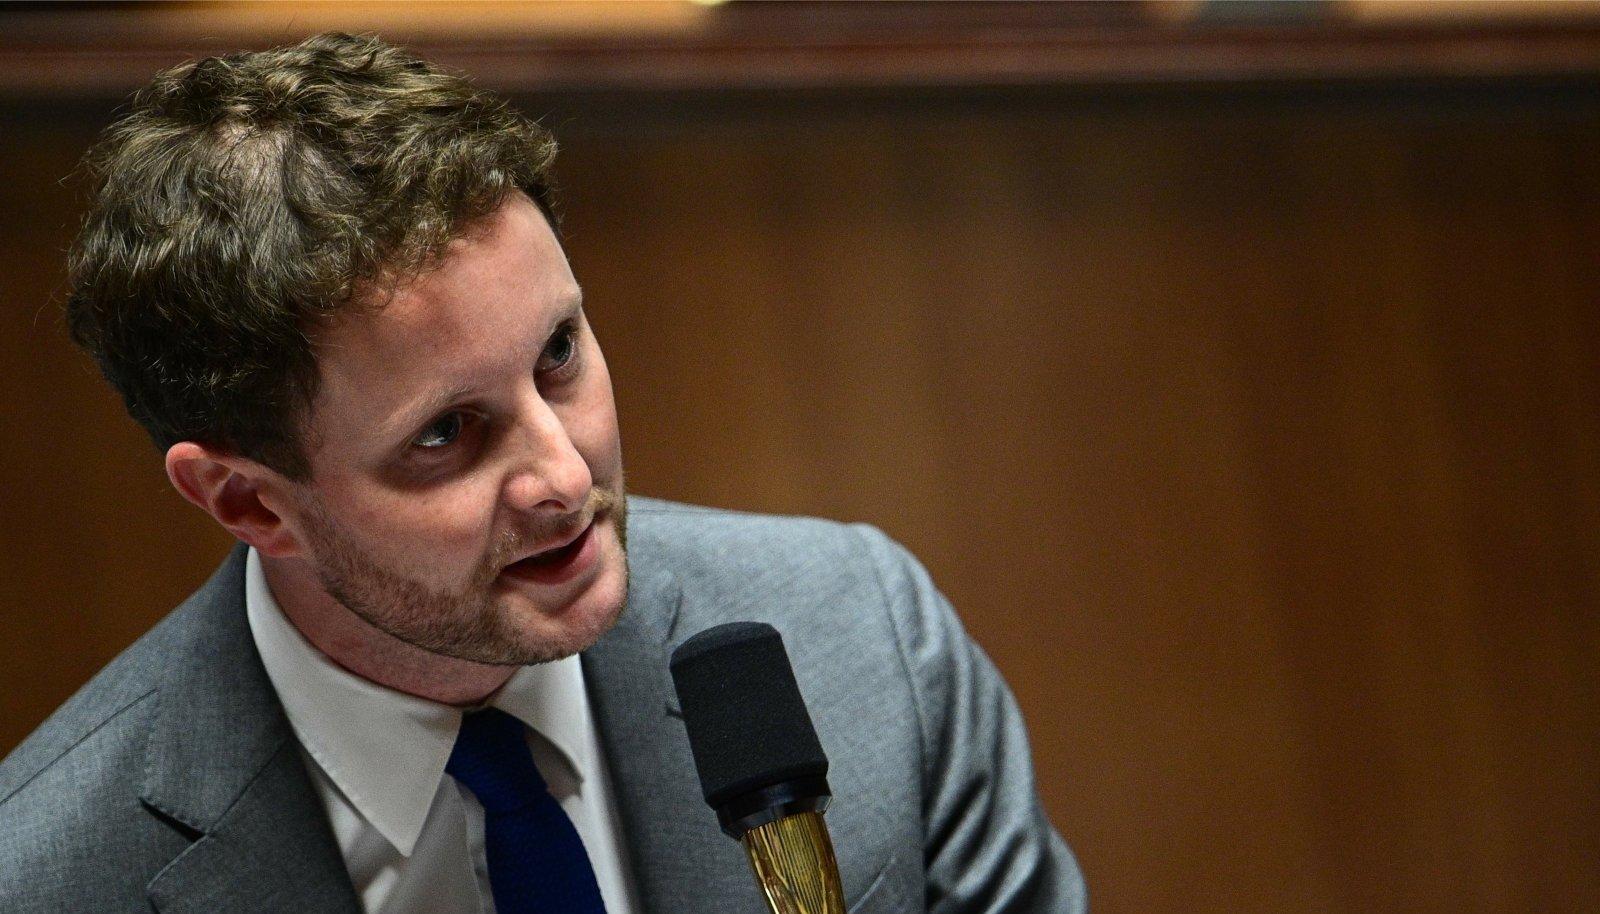 Prantsuse euroministri Clément Beaune'i sõnul raiskavad eurooplased liiga palju auru terminoloogia üle arutamisele olukorras, kus tuleks tegutseda.